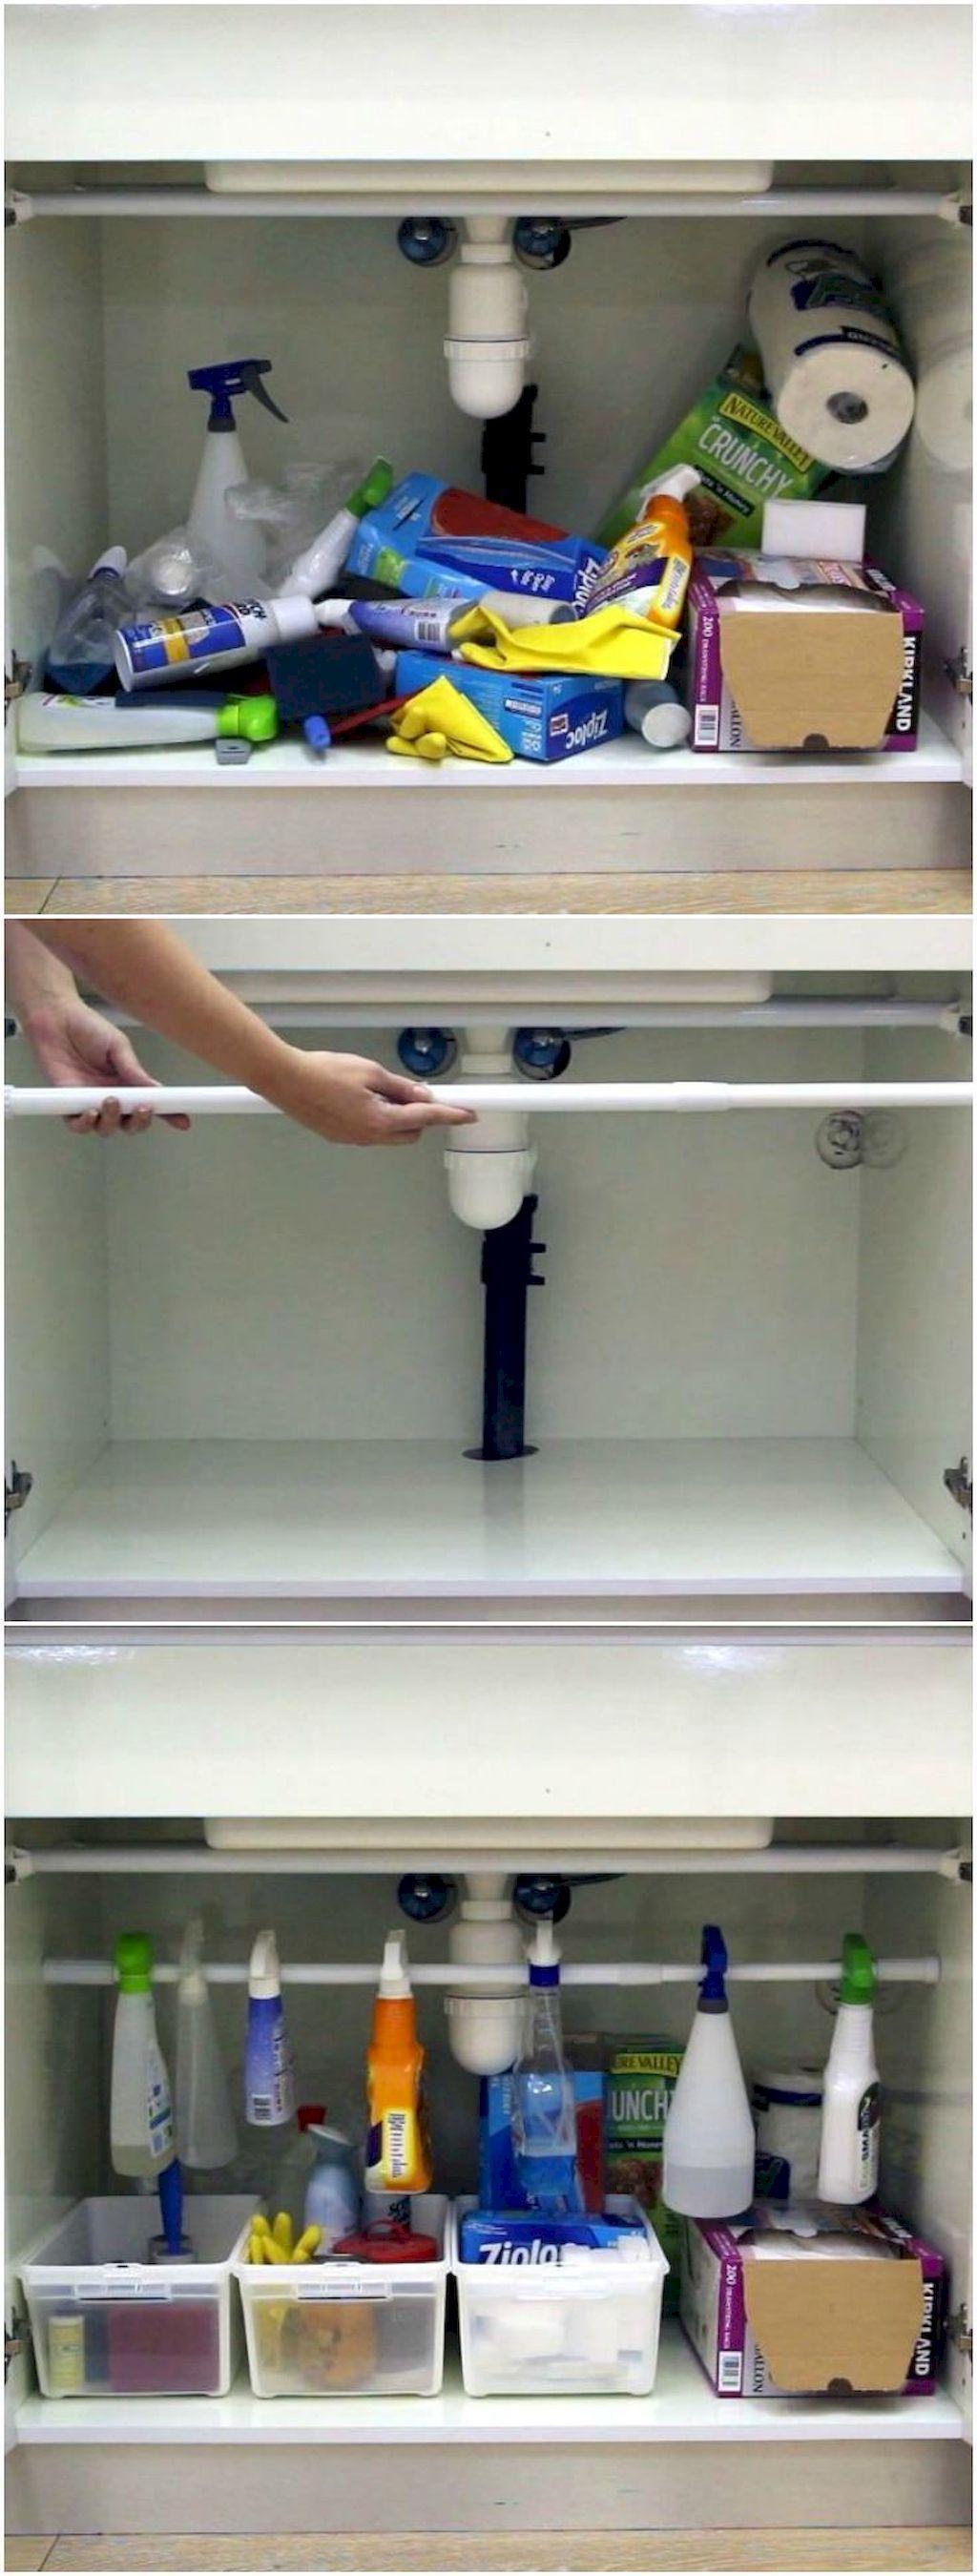 Badezimmer aus küchenideen pin von blabla auf wohnen  pinterest  haus badezimmer und küchen